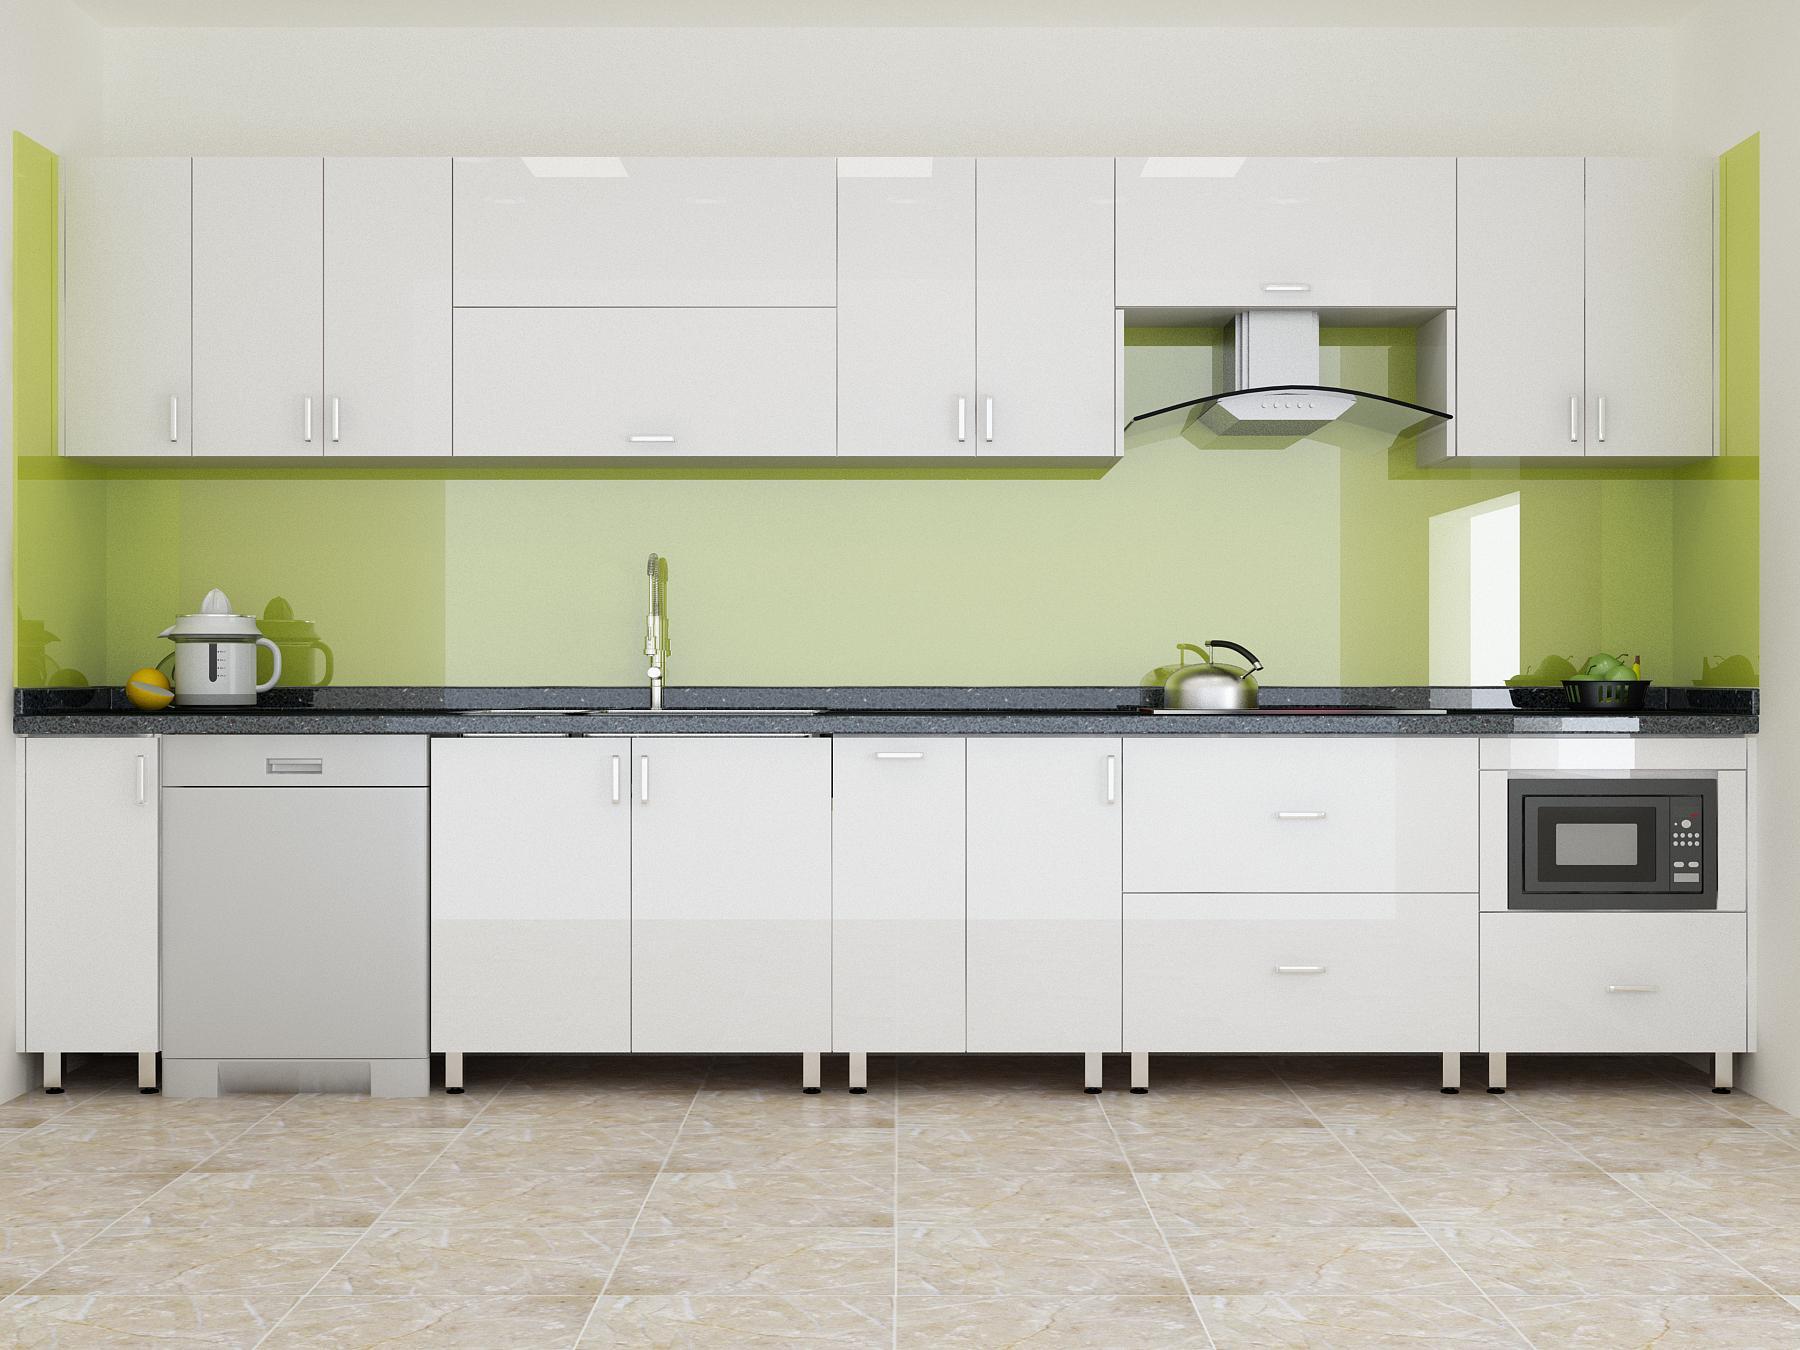 Có nên chọn vật liệu Acrylic làm tủ bếp gia đình?